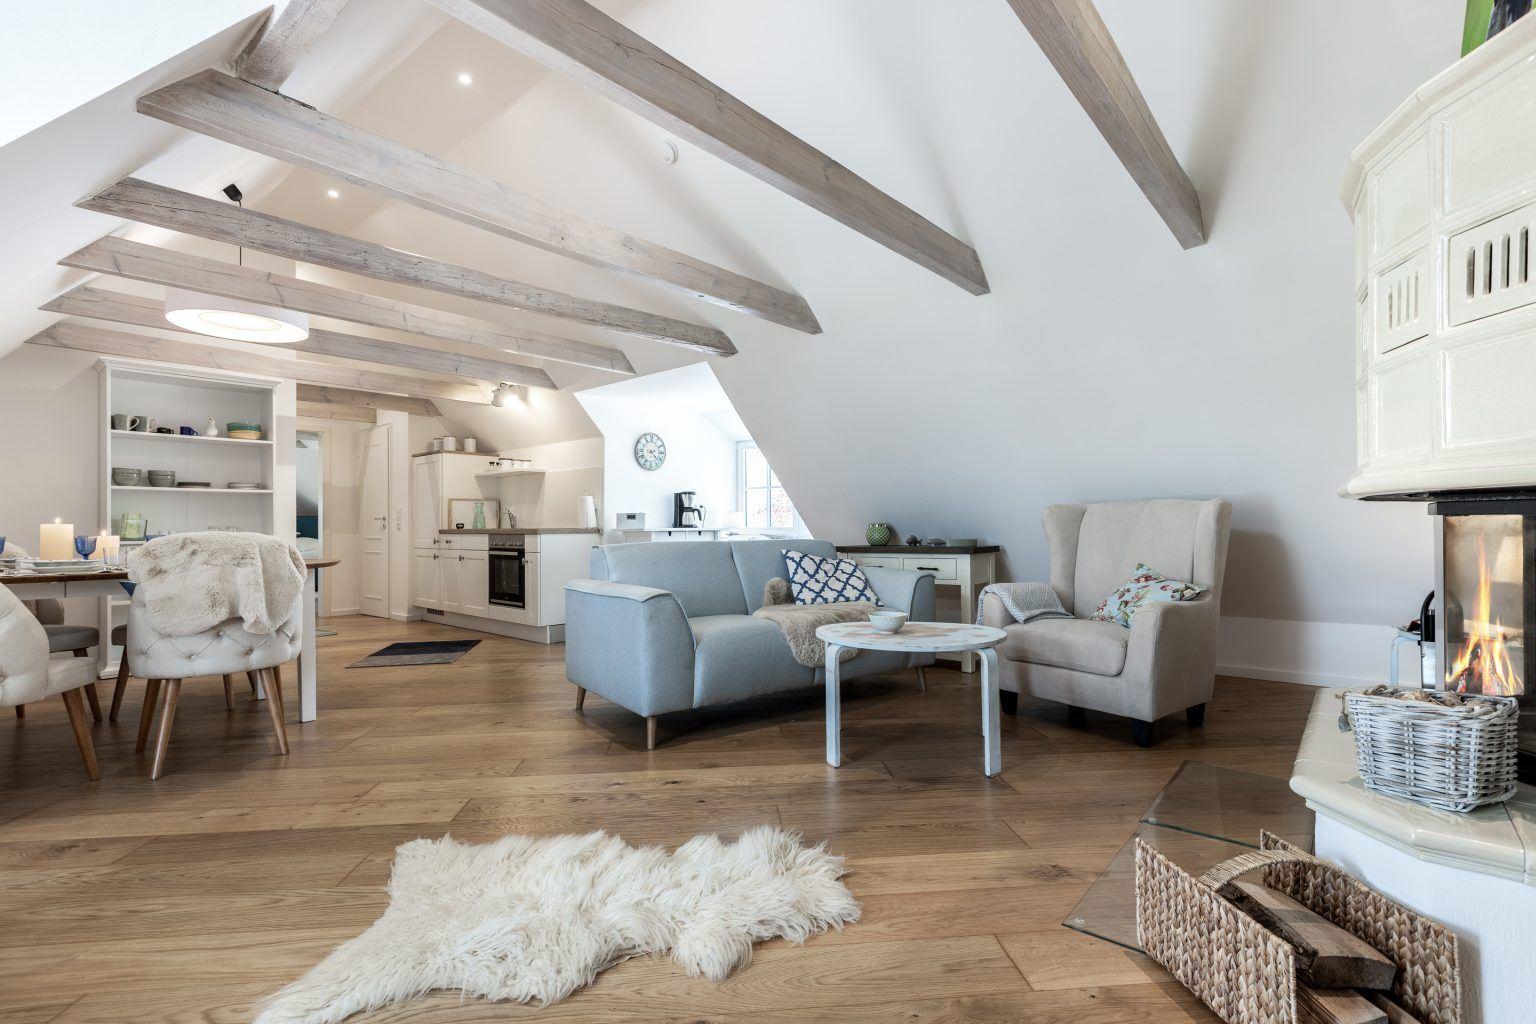 Wohnzimmer mit gekacheltem Ofen